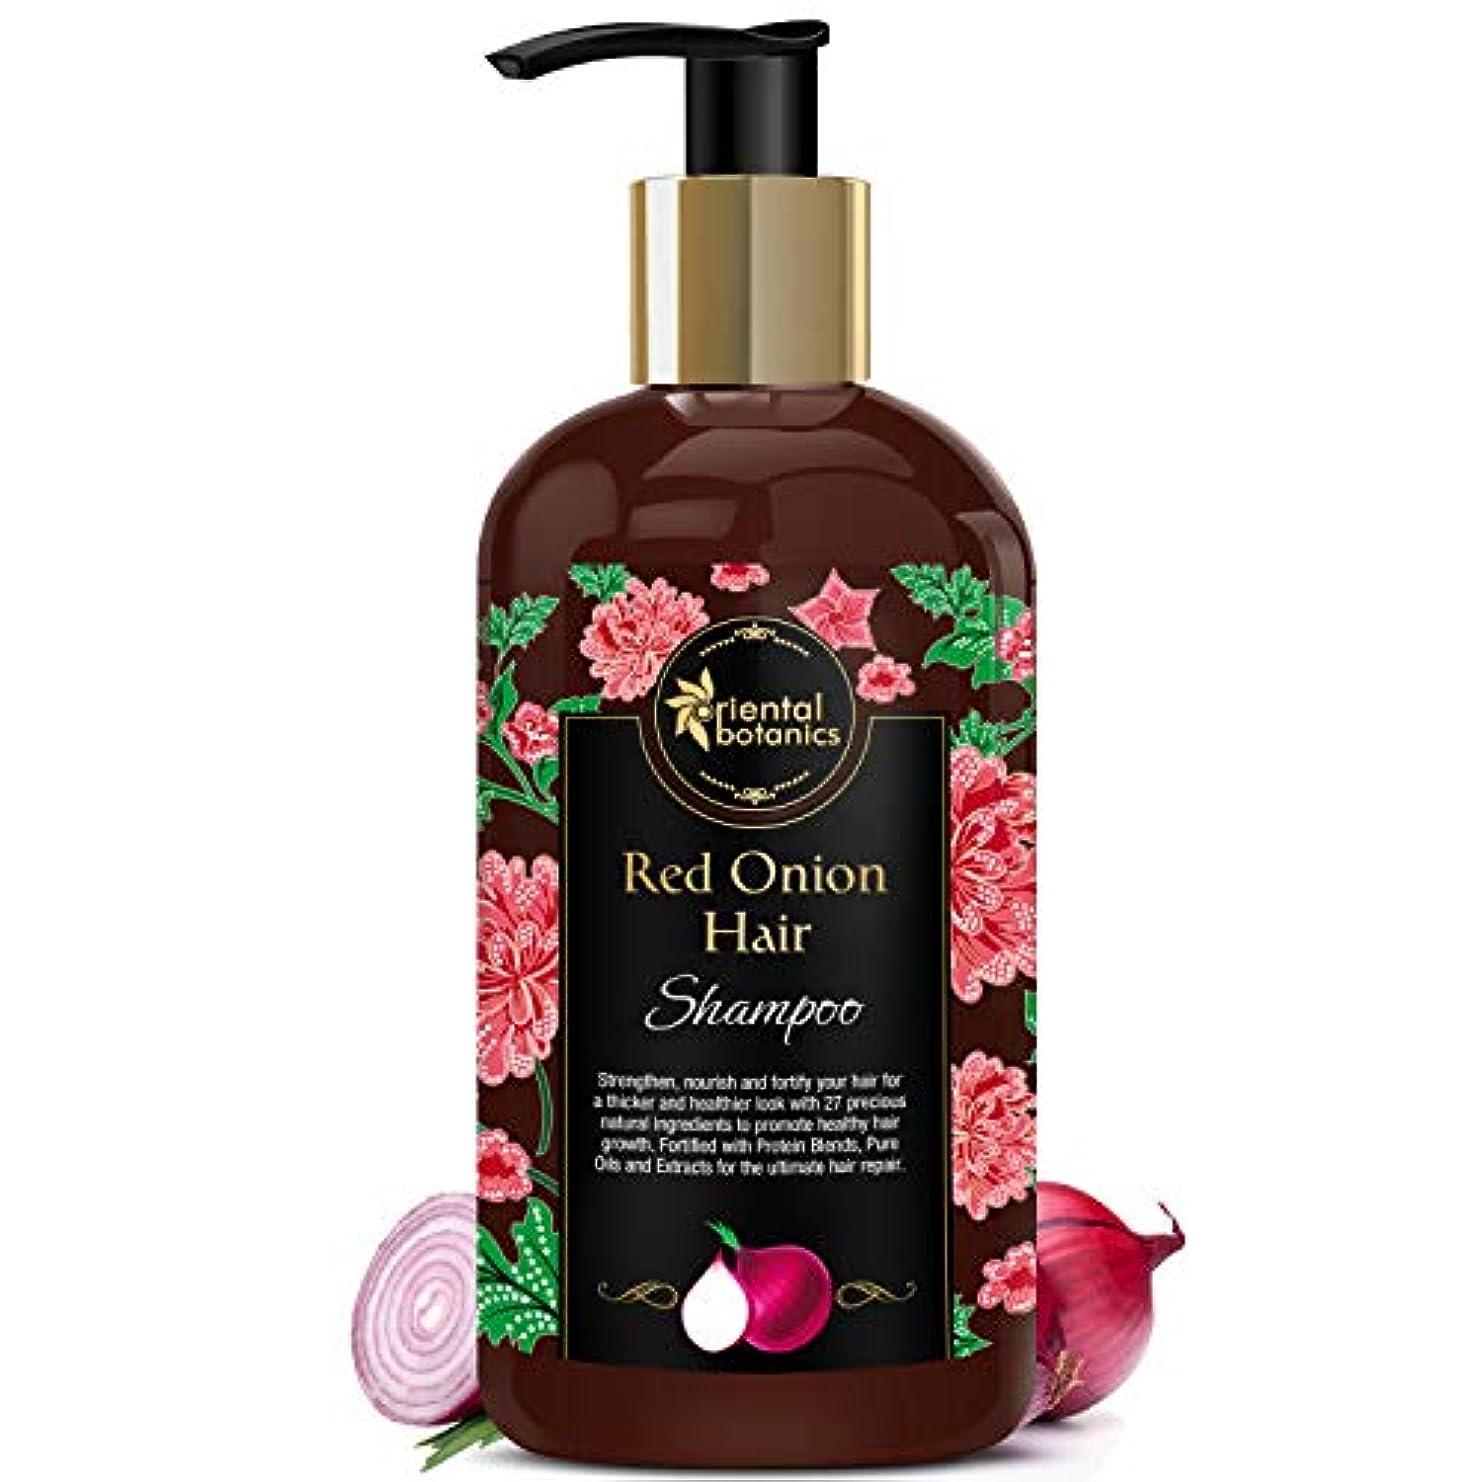 鉛筆使い込む姿を消すOriental Botanics Red Onion Hair Growth Shampoo, 300ml - With 27 Hair Boosters Controls Hair Loss & Promotes Healthy...